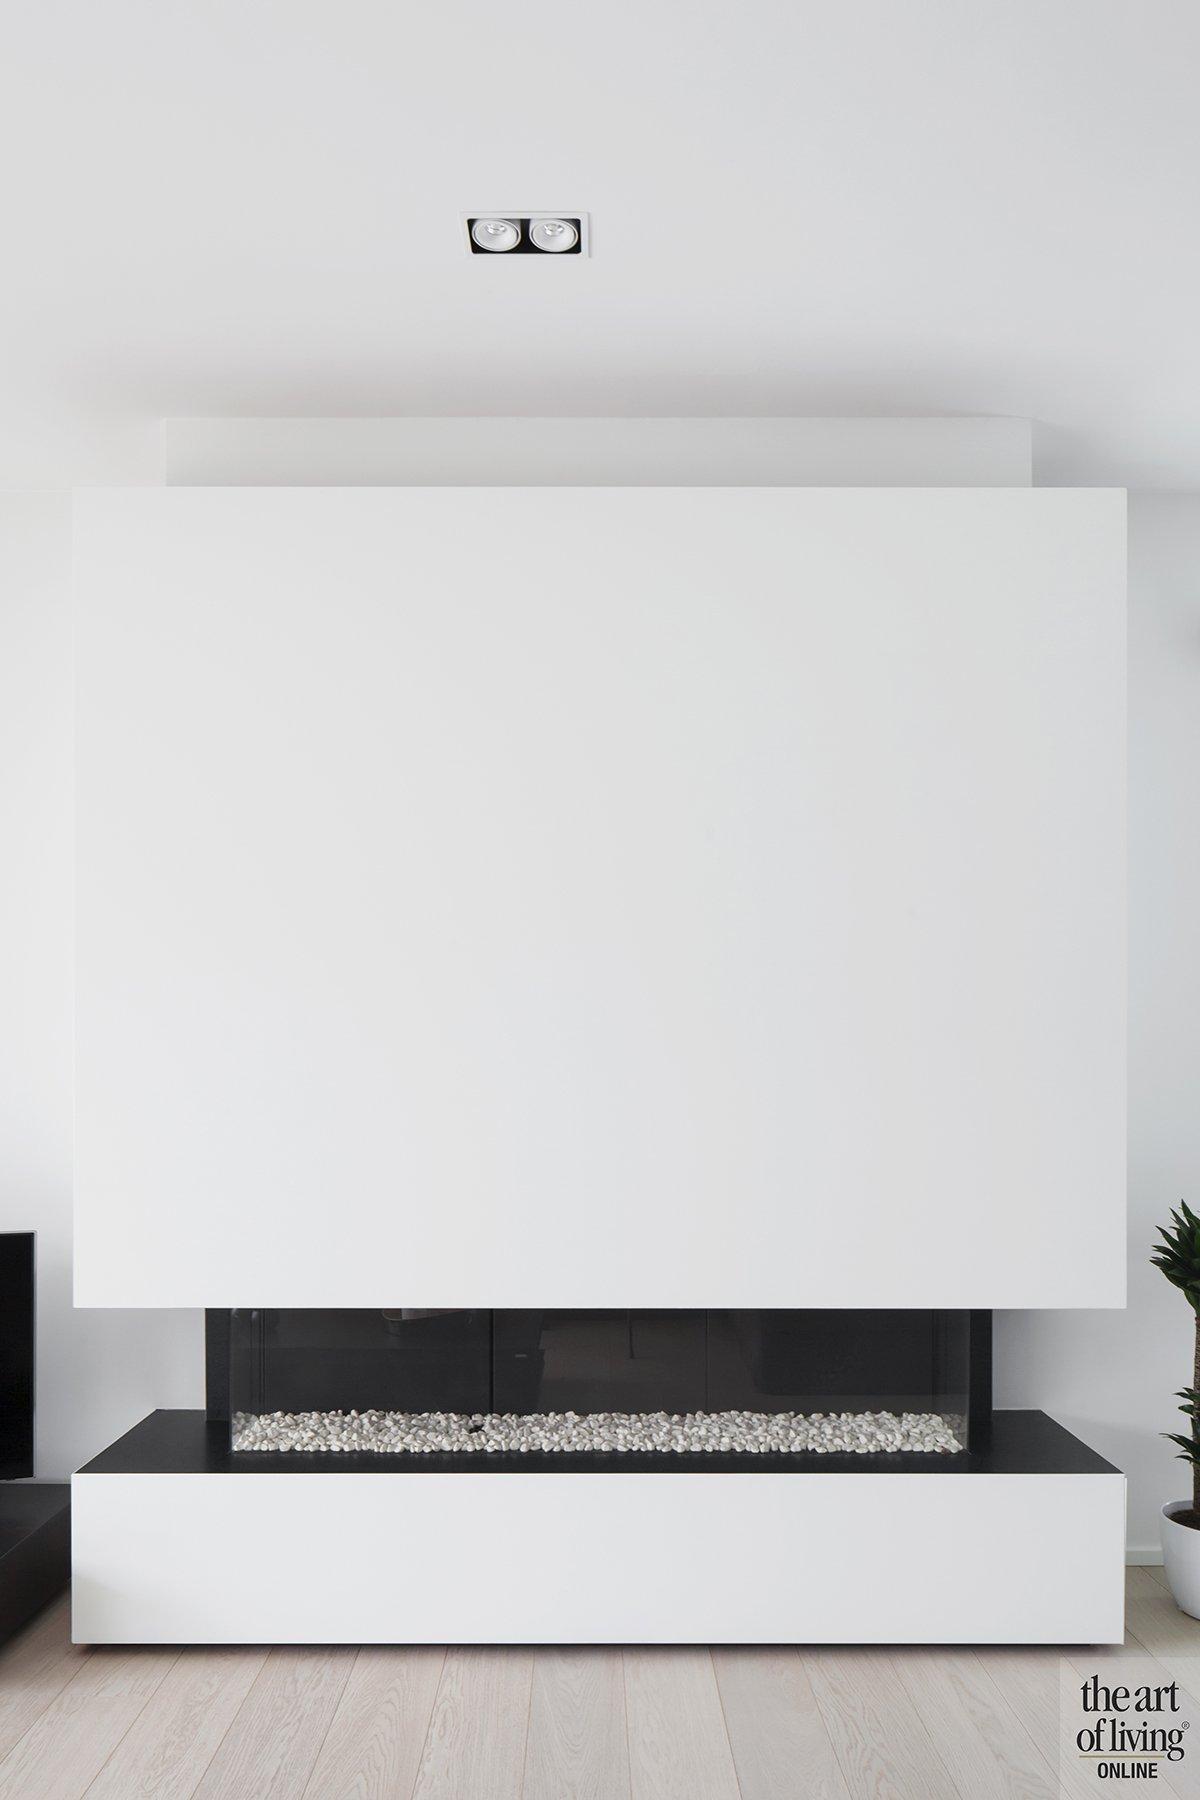 Architectenburo Berkein, woonkamer, open haard, strak, modern, hedendaags, exclusief, The Art of Living Online